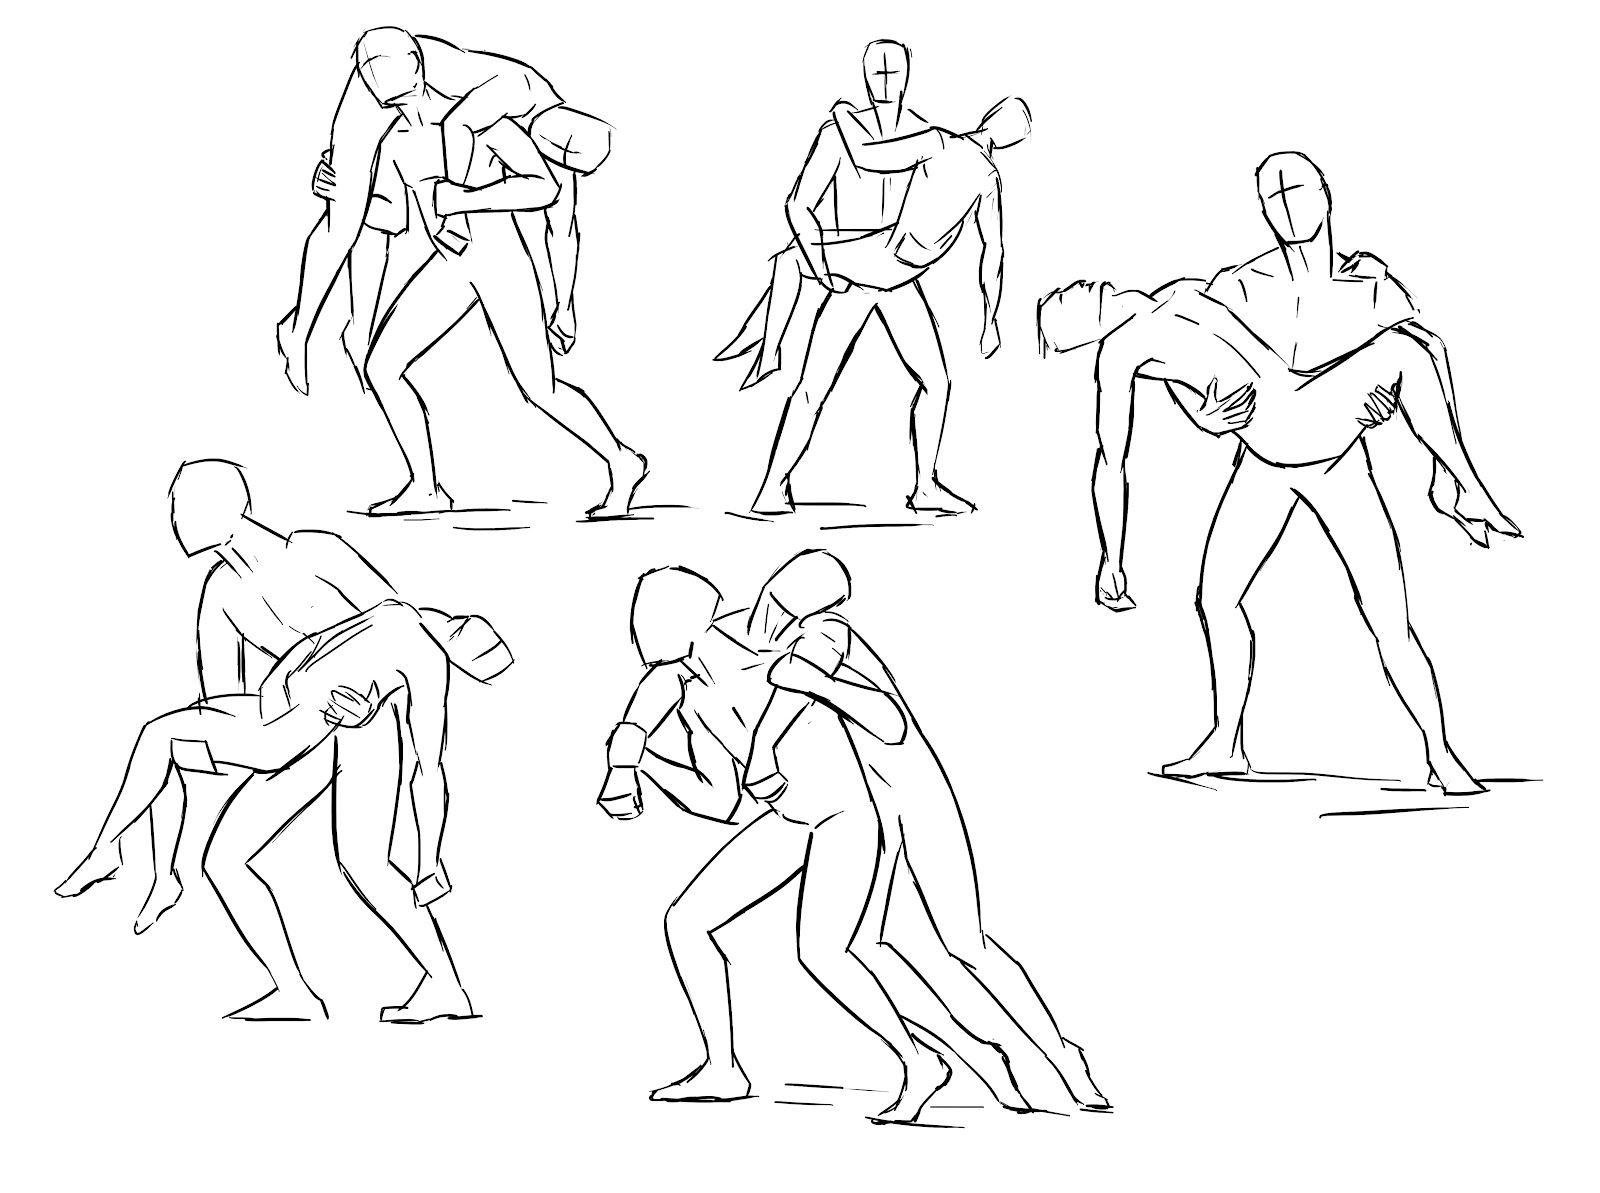 body diagram practice 2 coupled